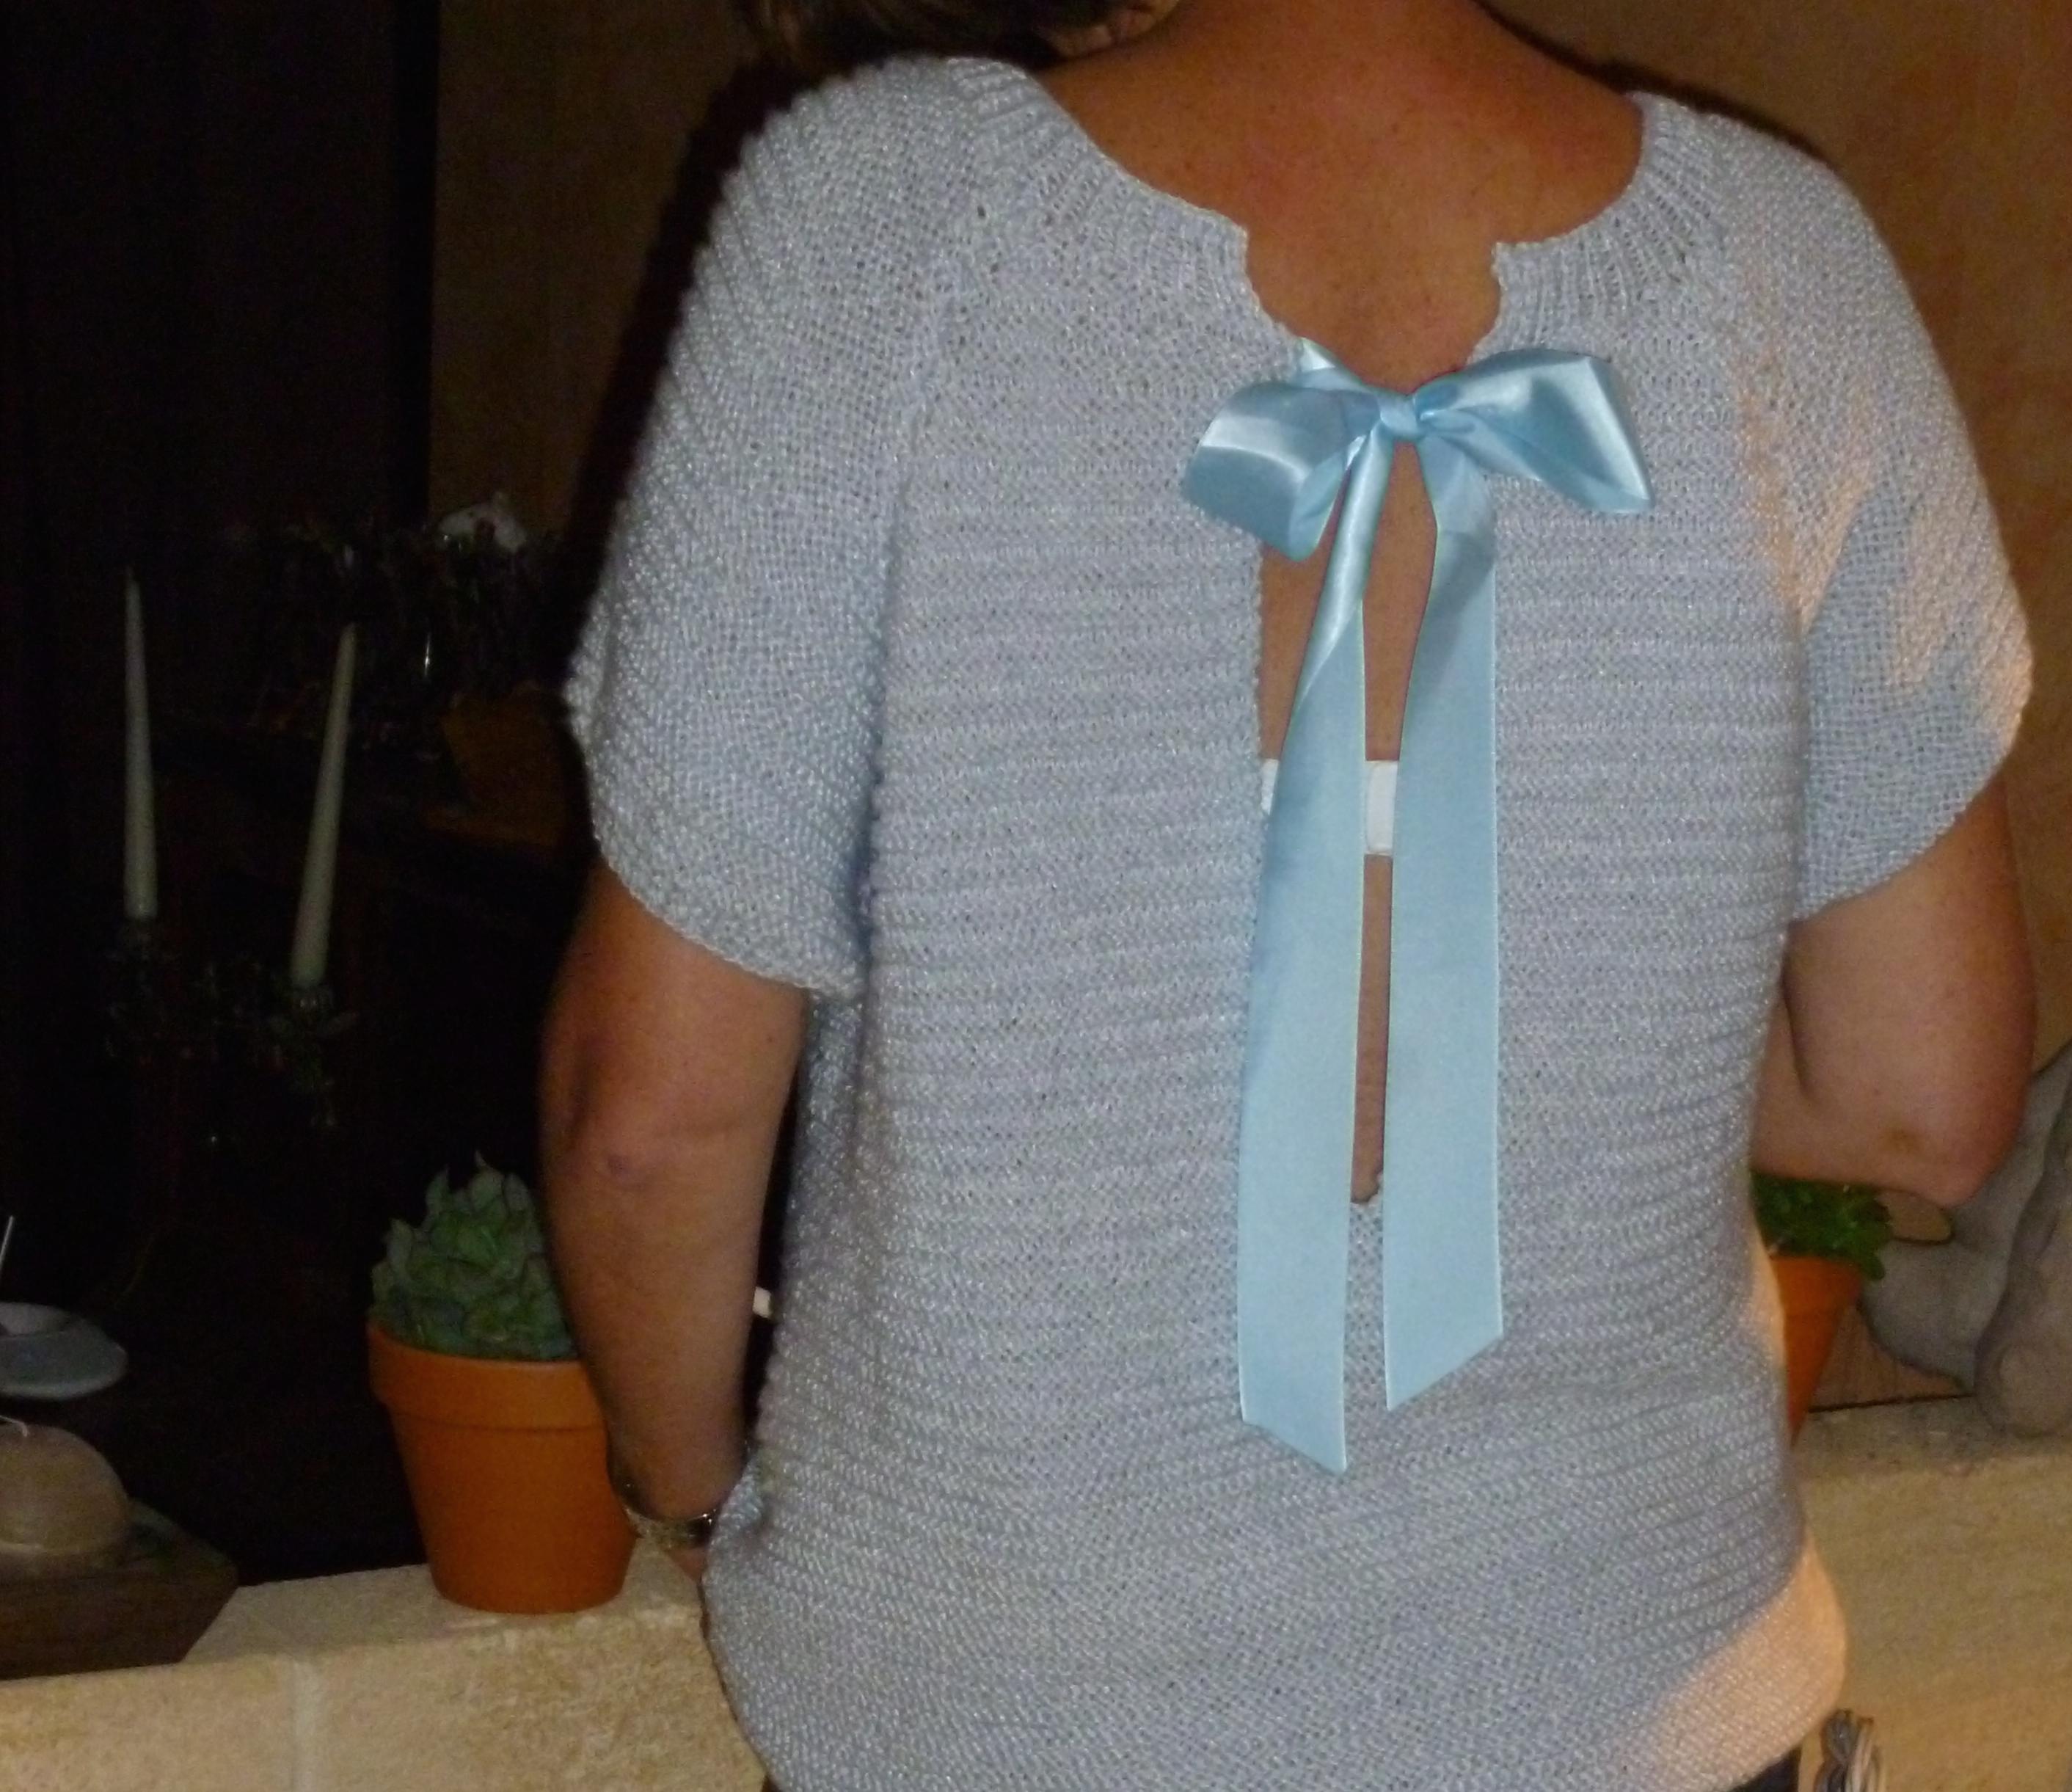 Modele tricot femme aiguille 3